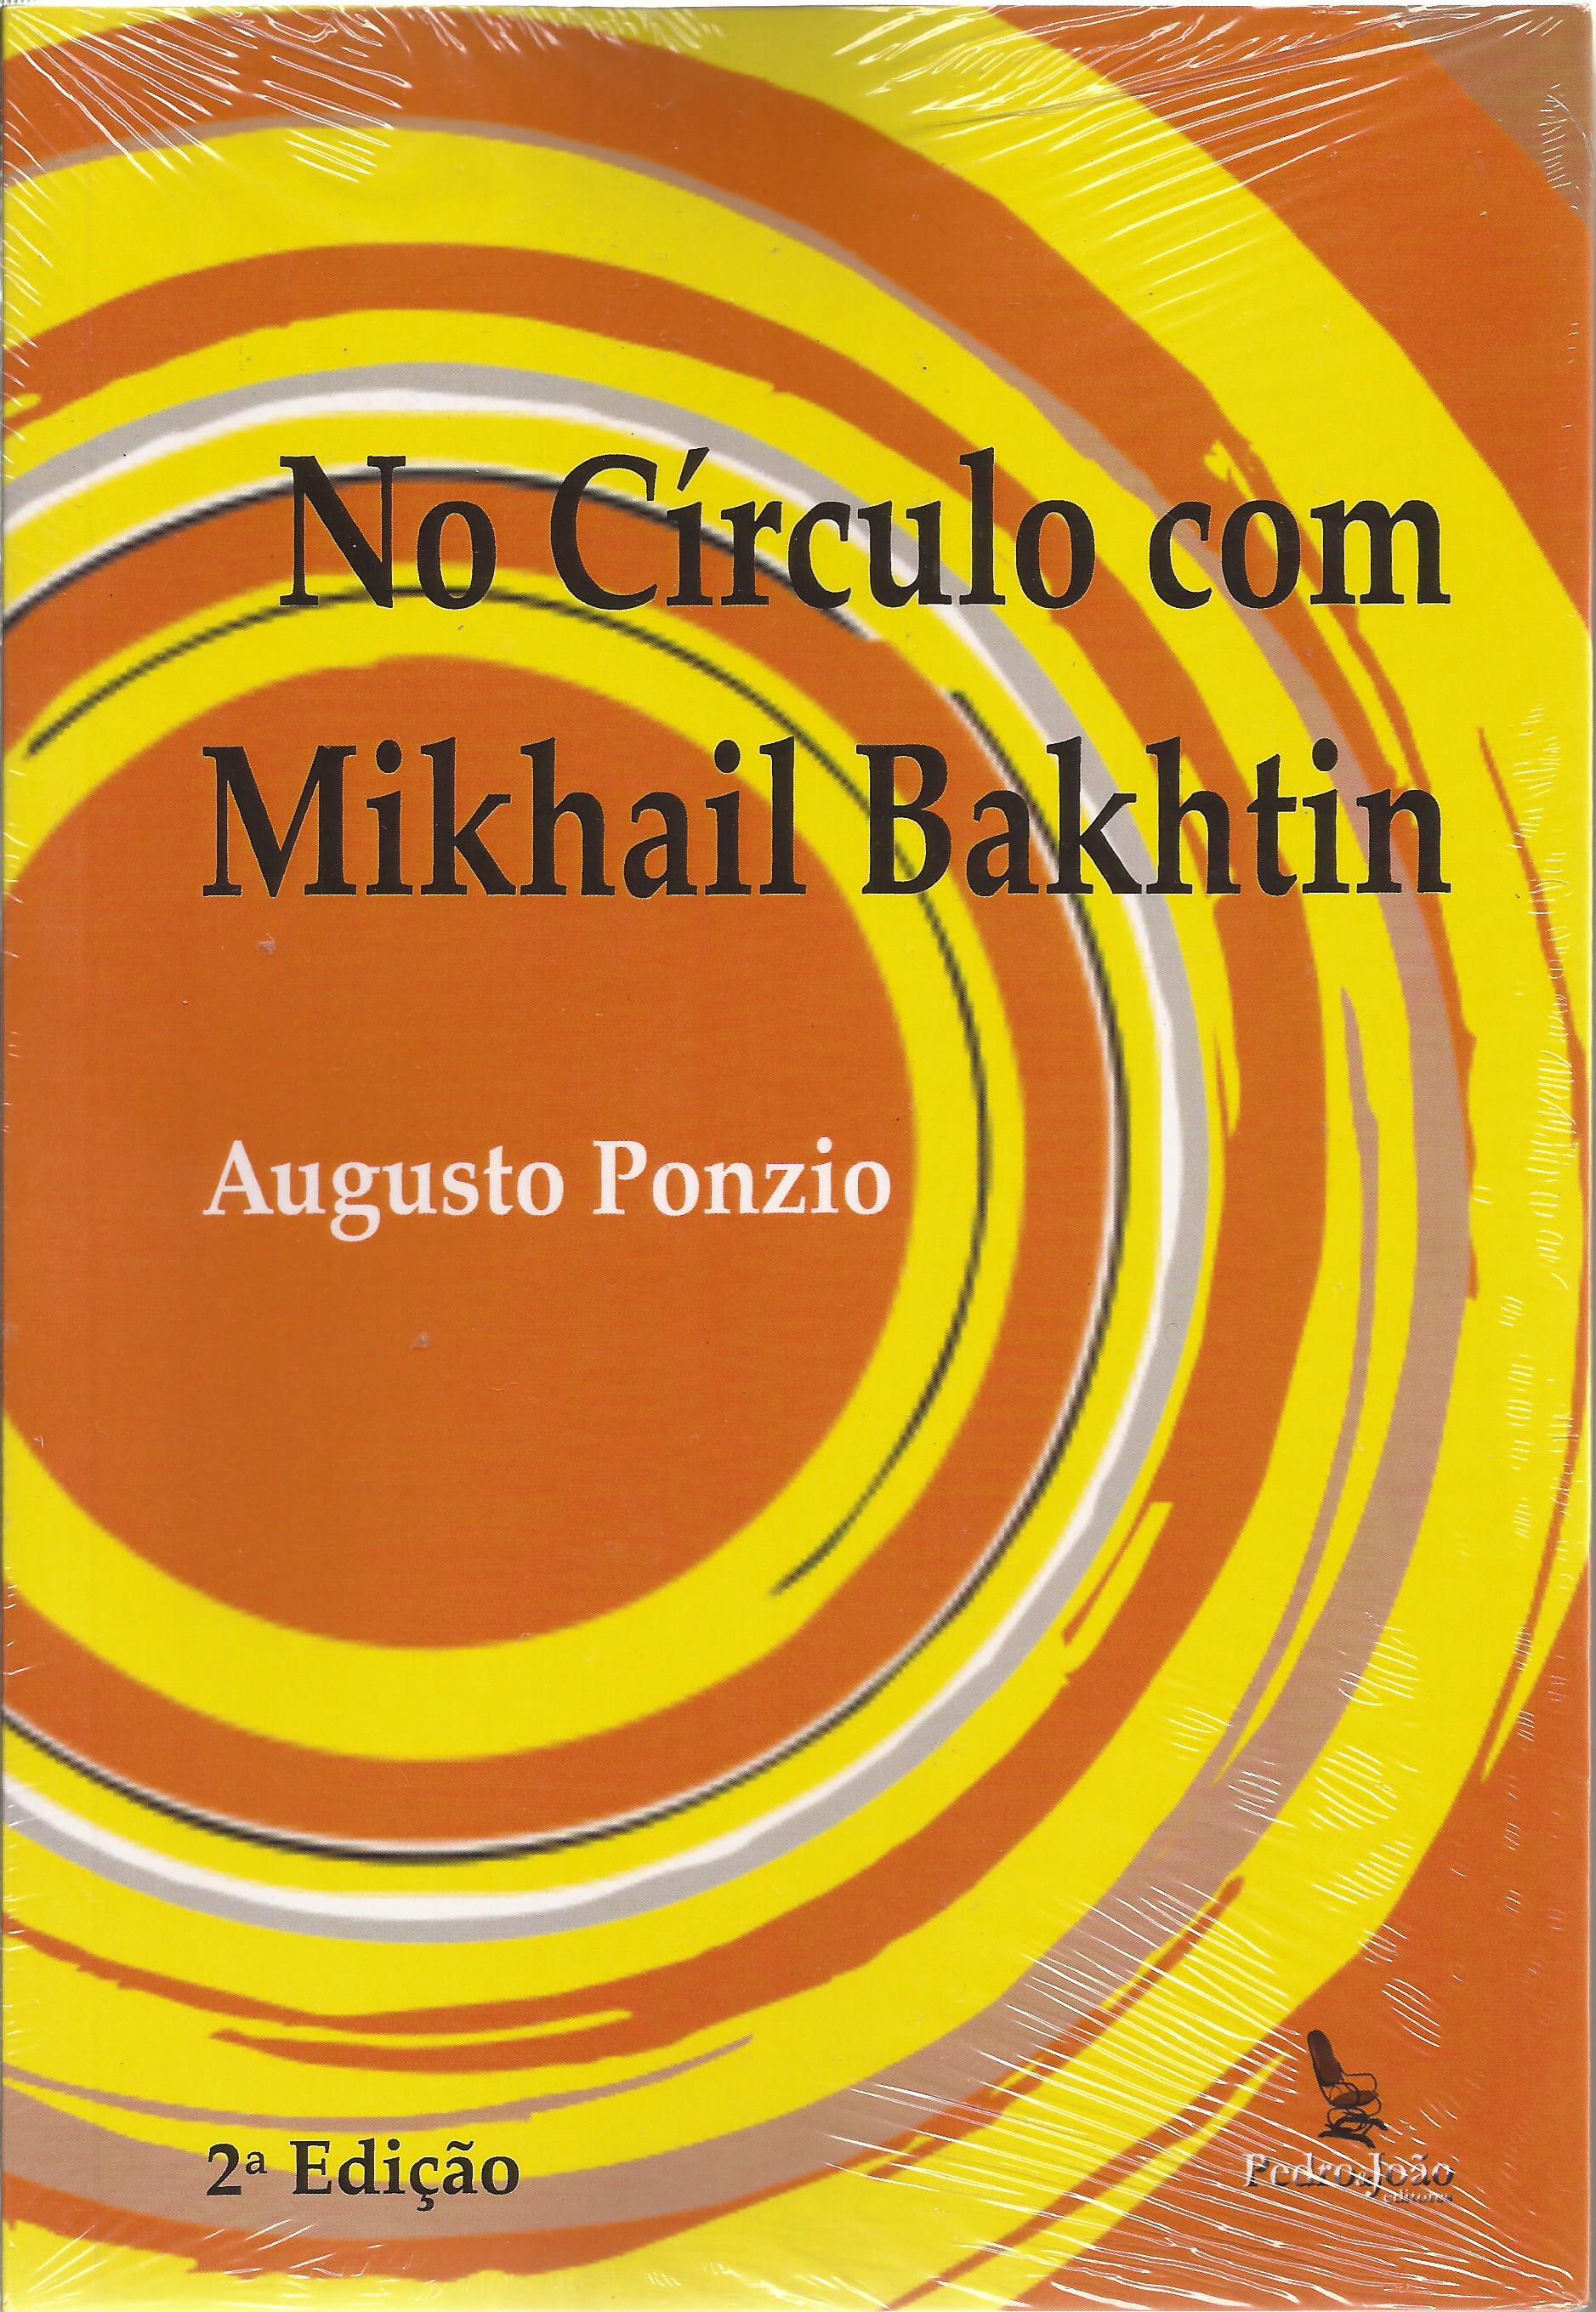 No Círculo com Mikhail Bakhtin